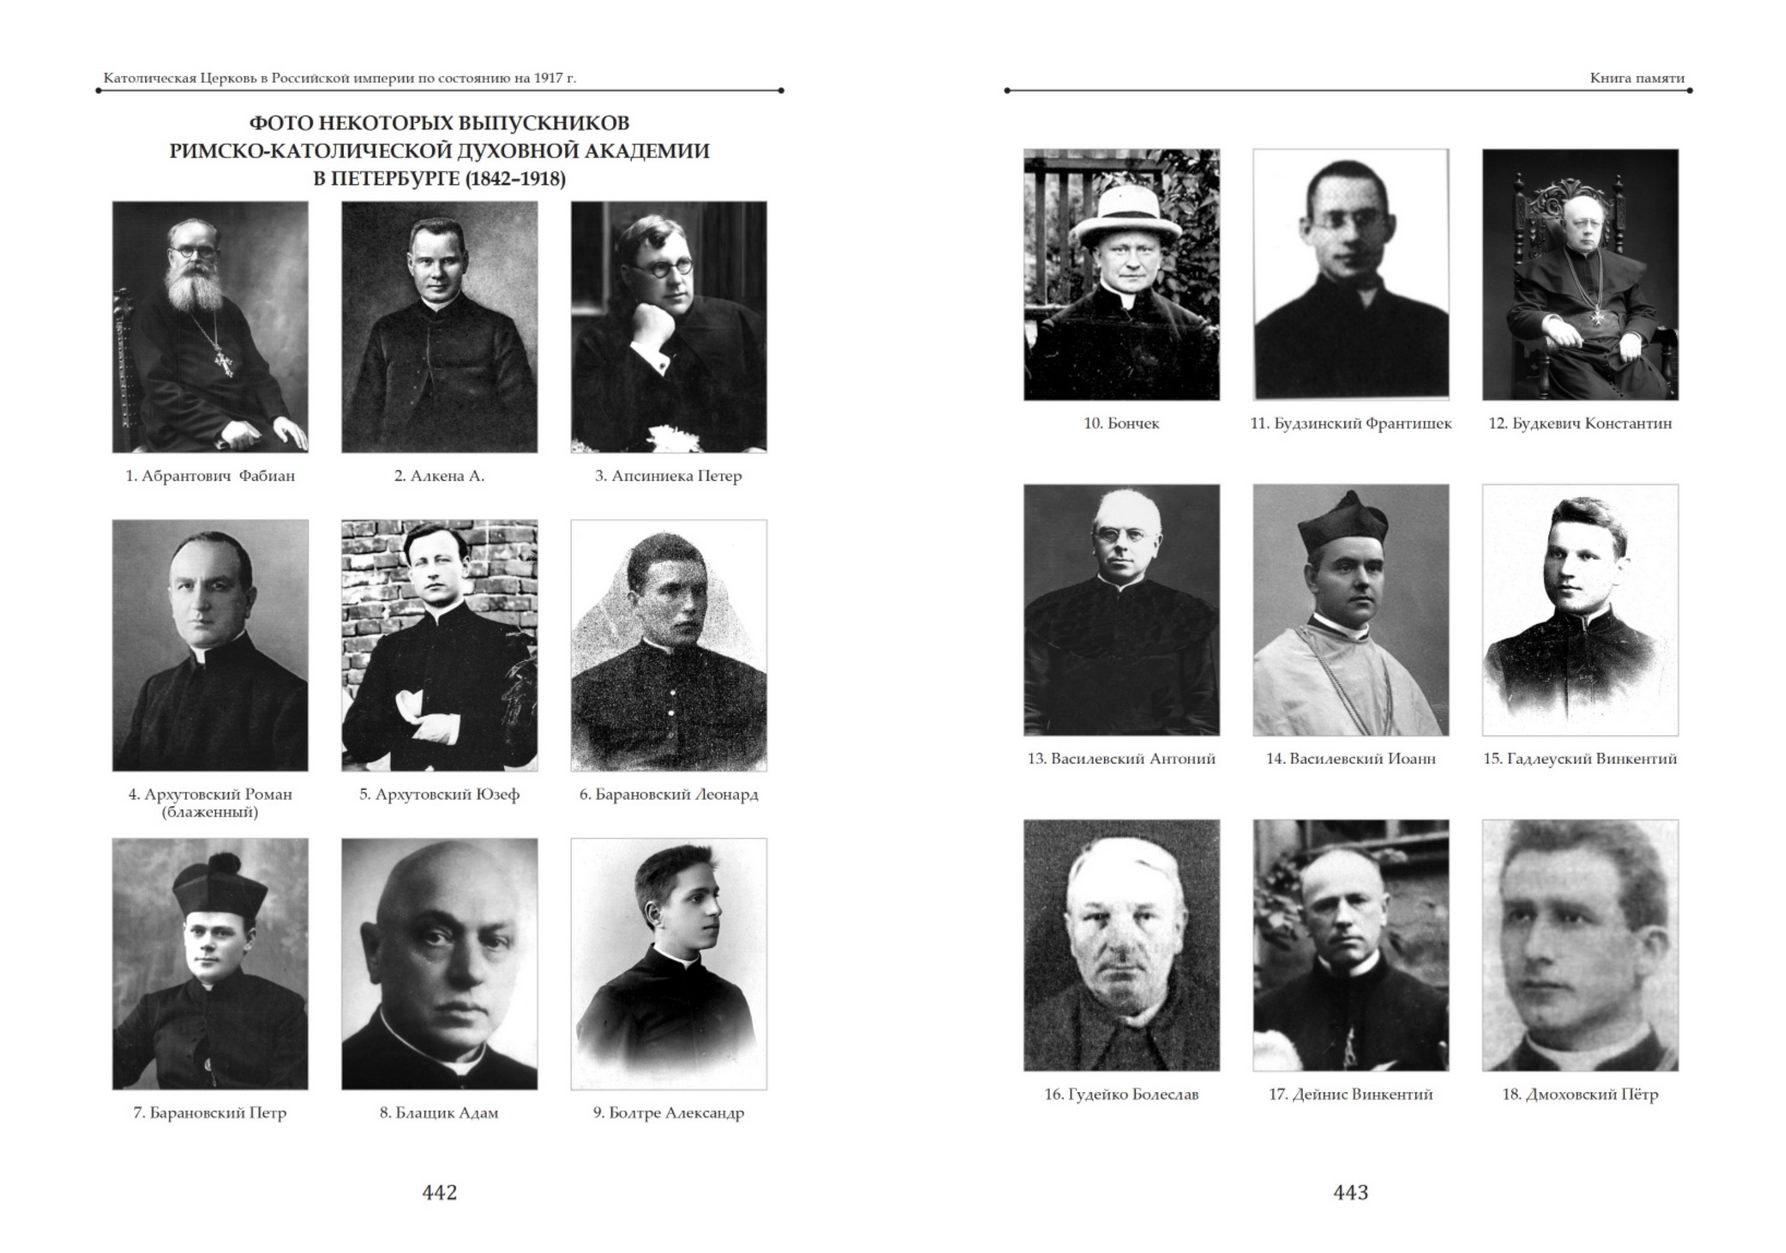 Издана книга, посвященная Католической Церкви в России накануне революции 1917 года и в Советский период 8